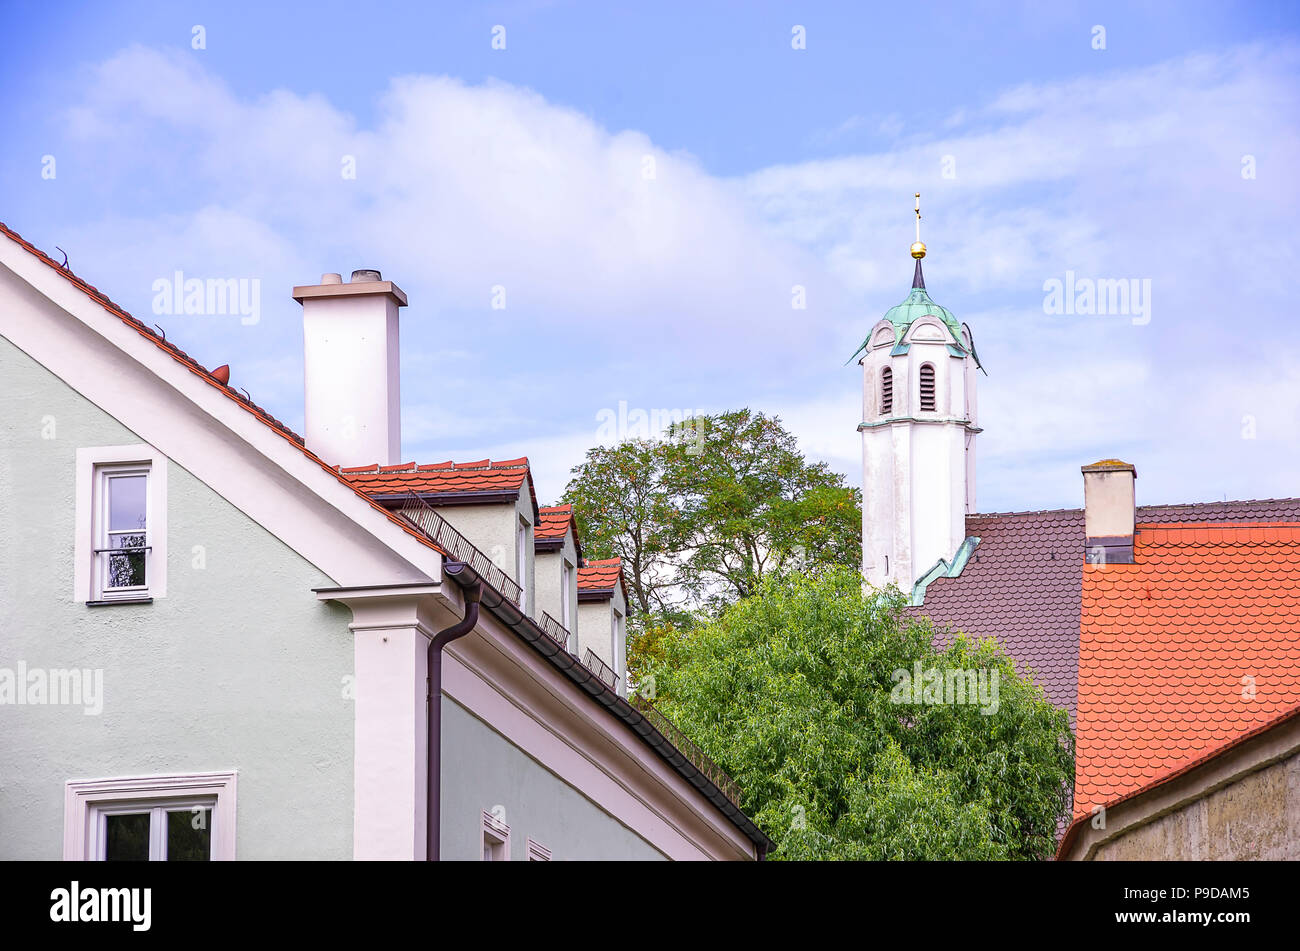 Augsburg, Bayern, Deutschland - Turm der Klosterkirche der Dominikanischen Kloster St. Ursula. Stockfoto